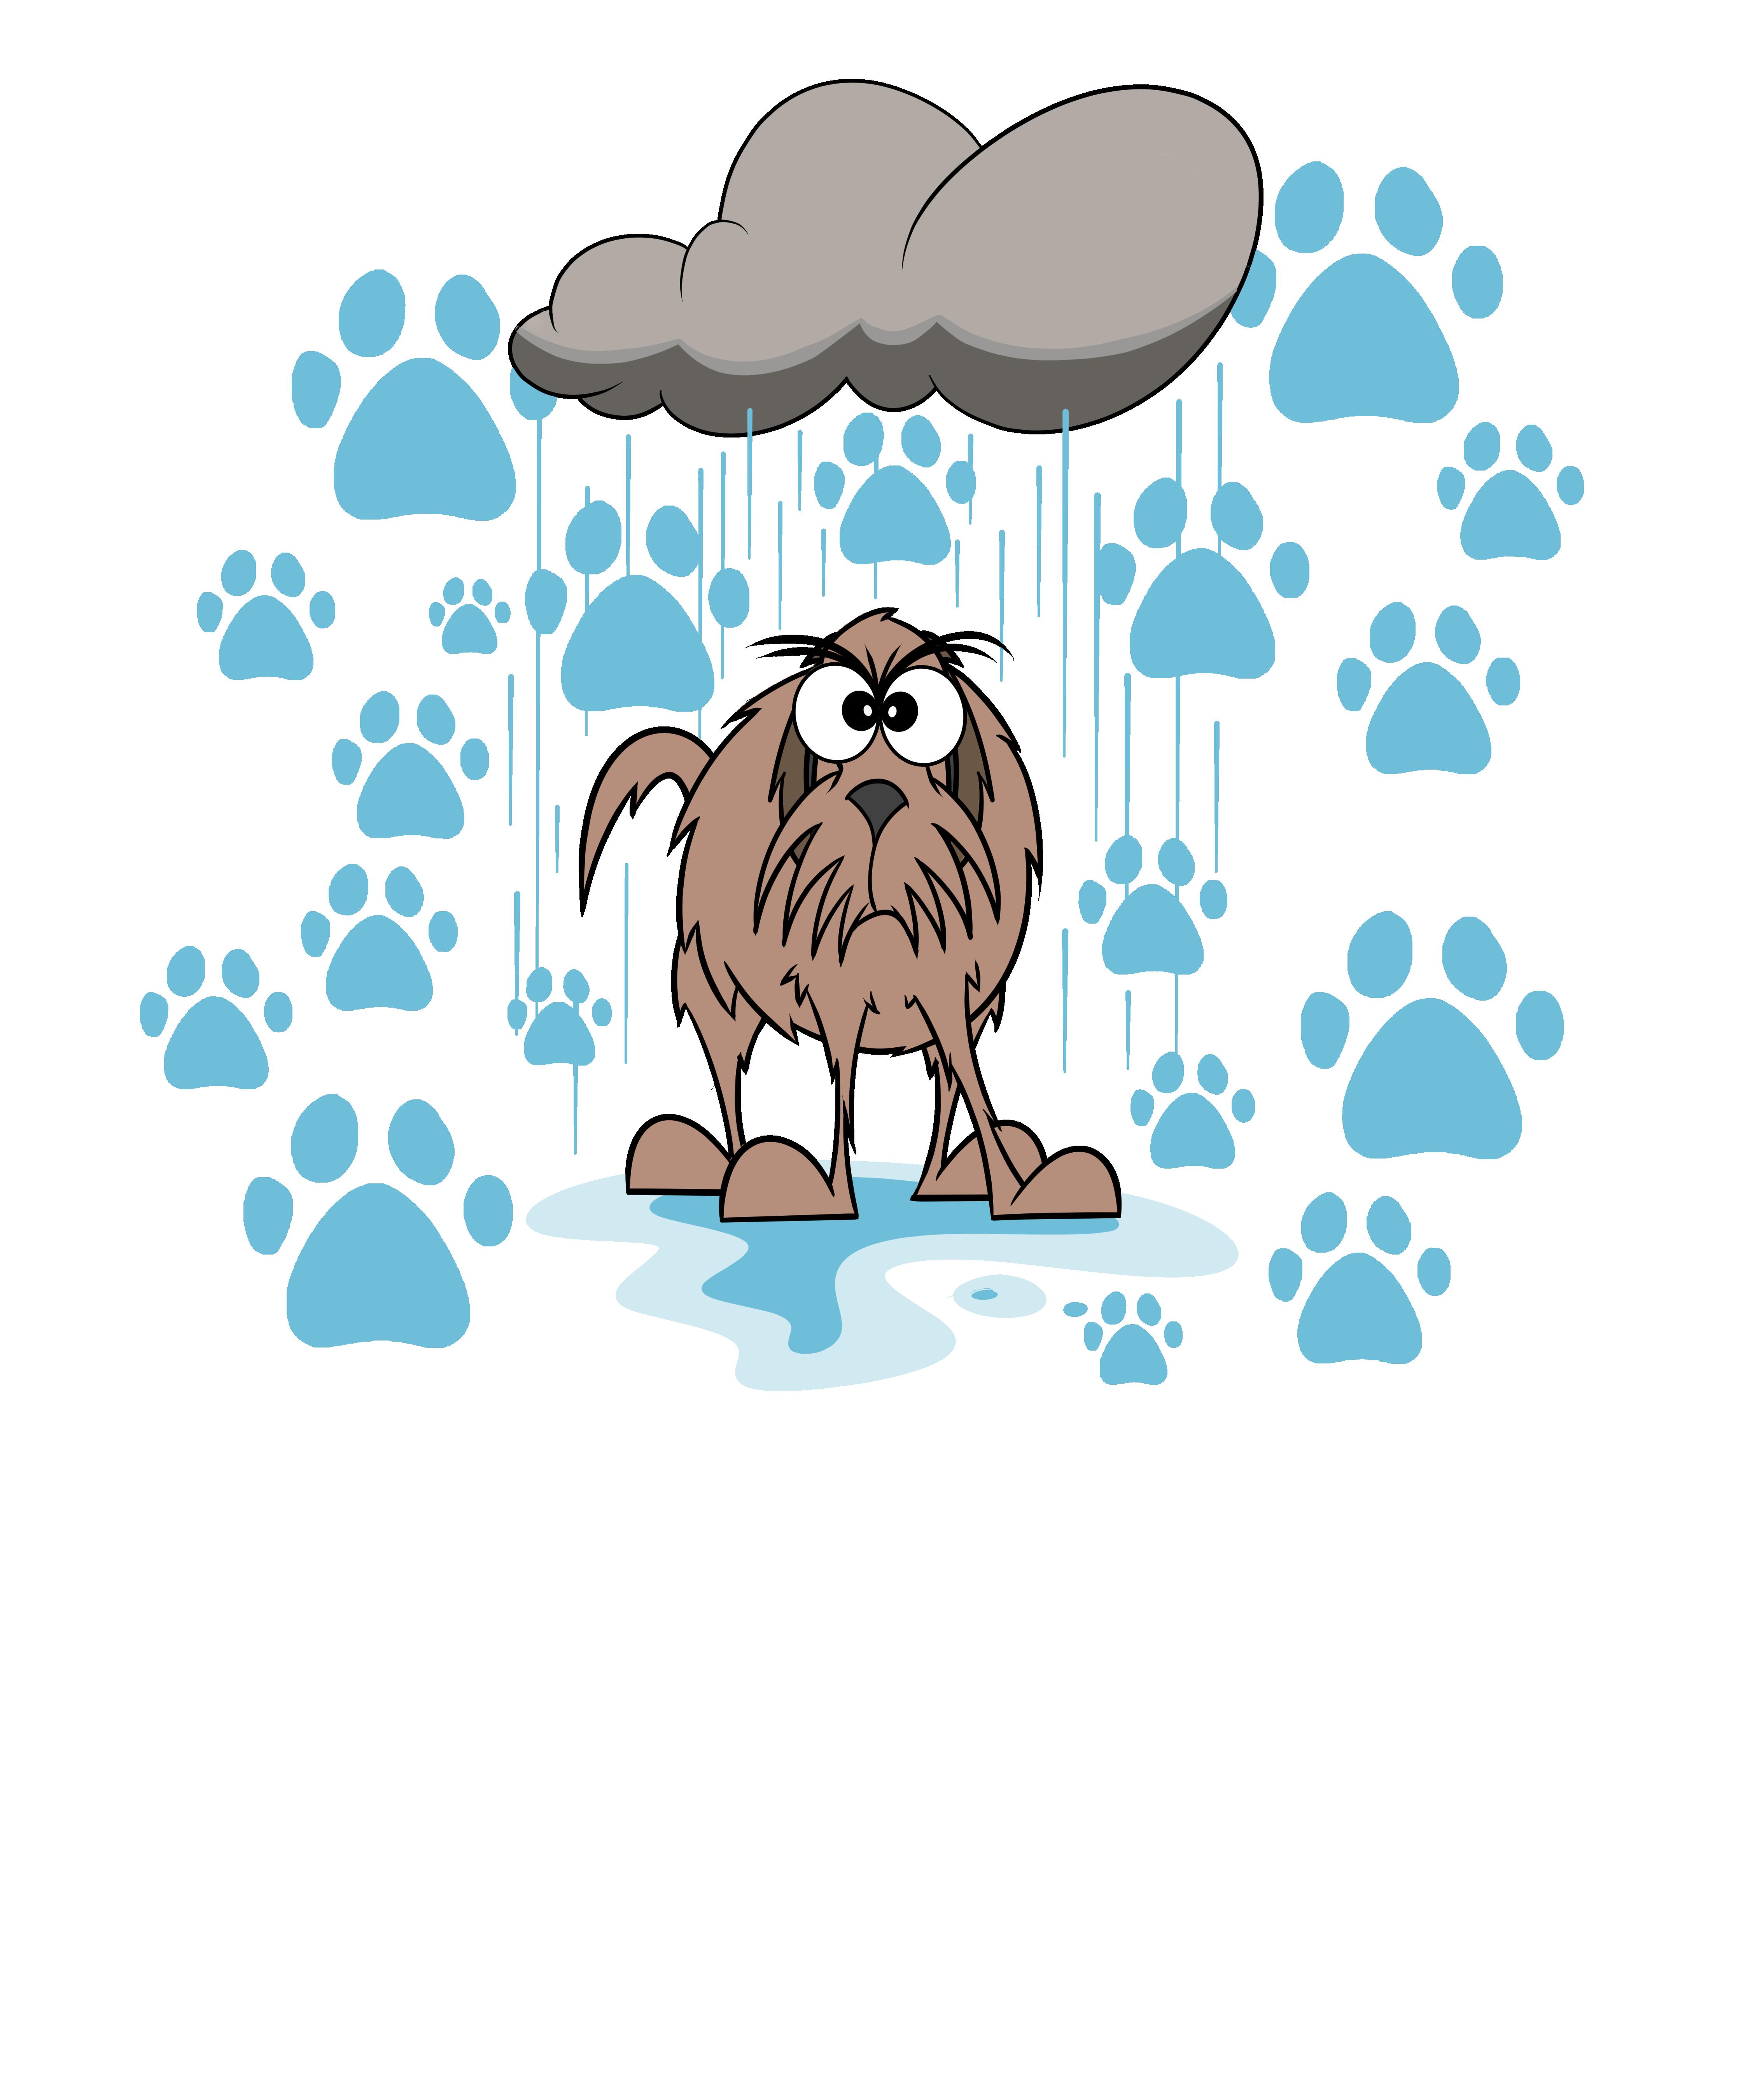 Grumpy wet dog paw print.